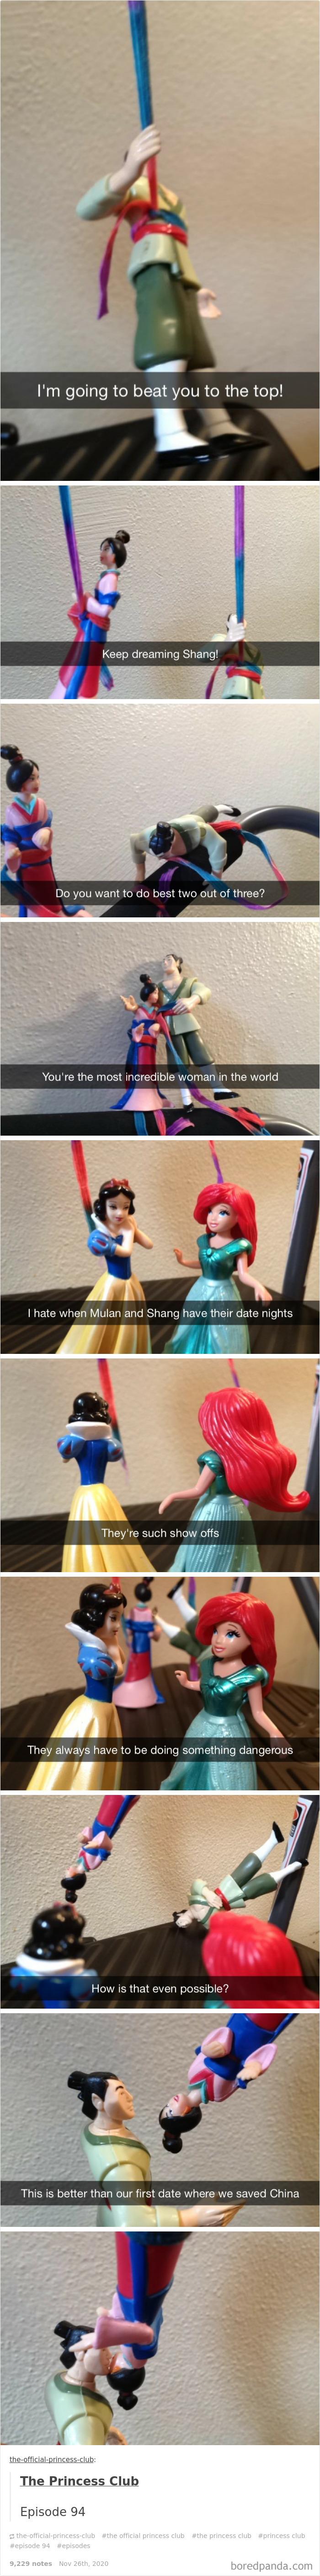 Mulan And Shang: Date Night